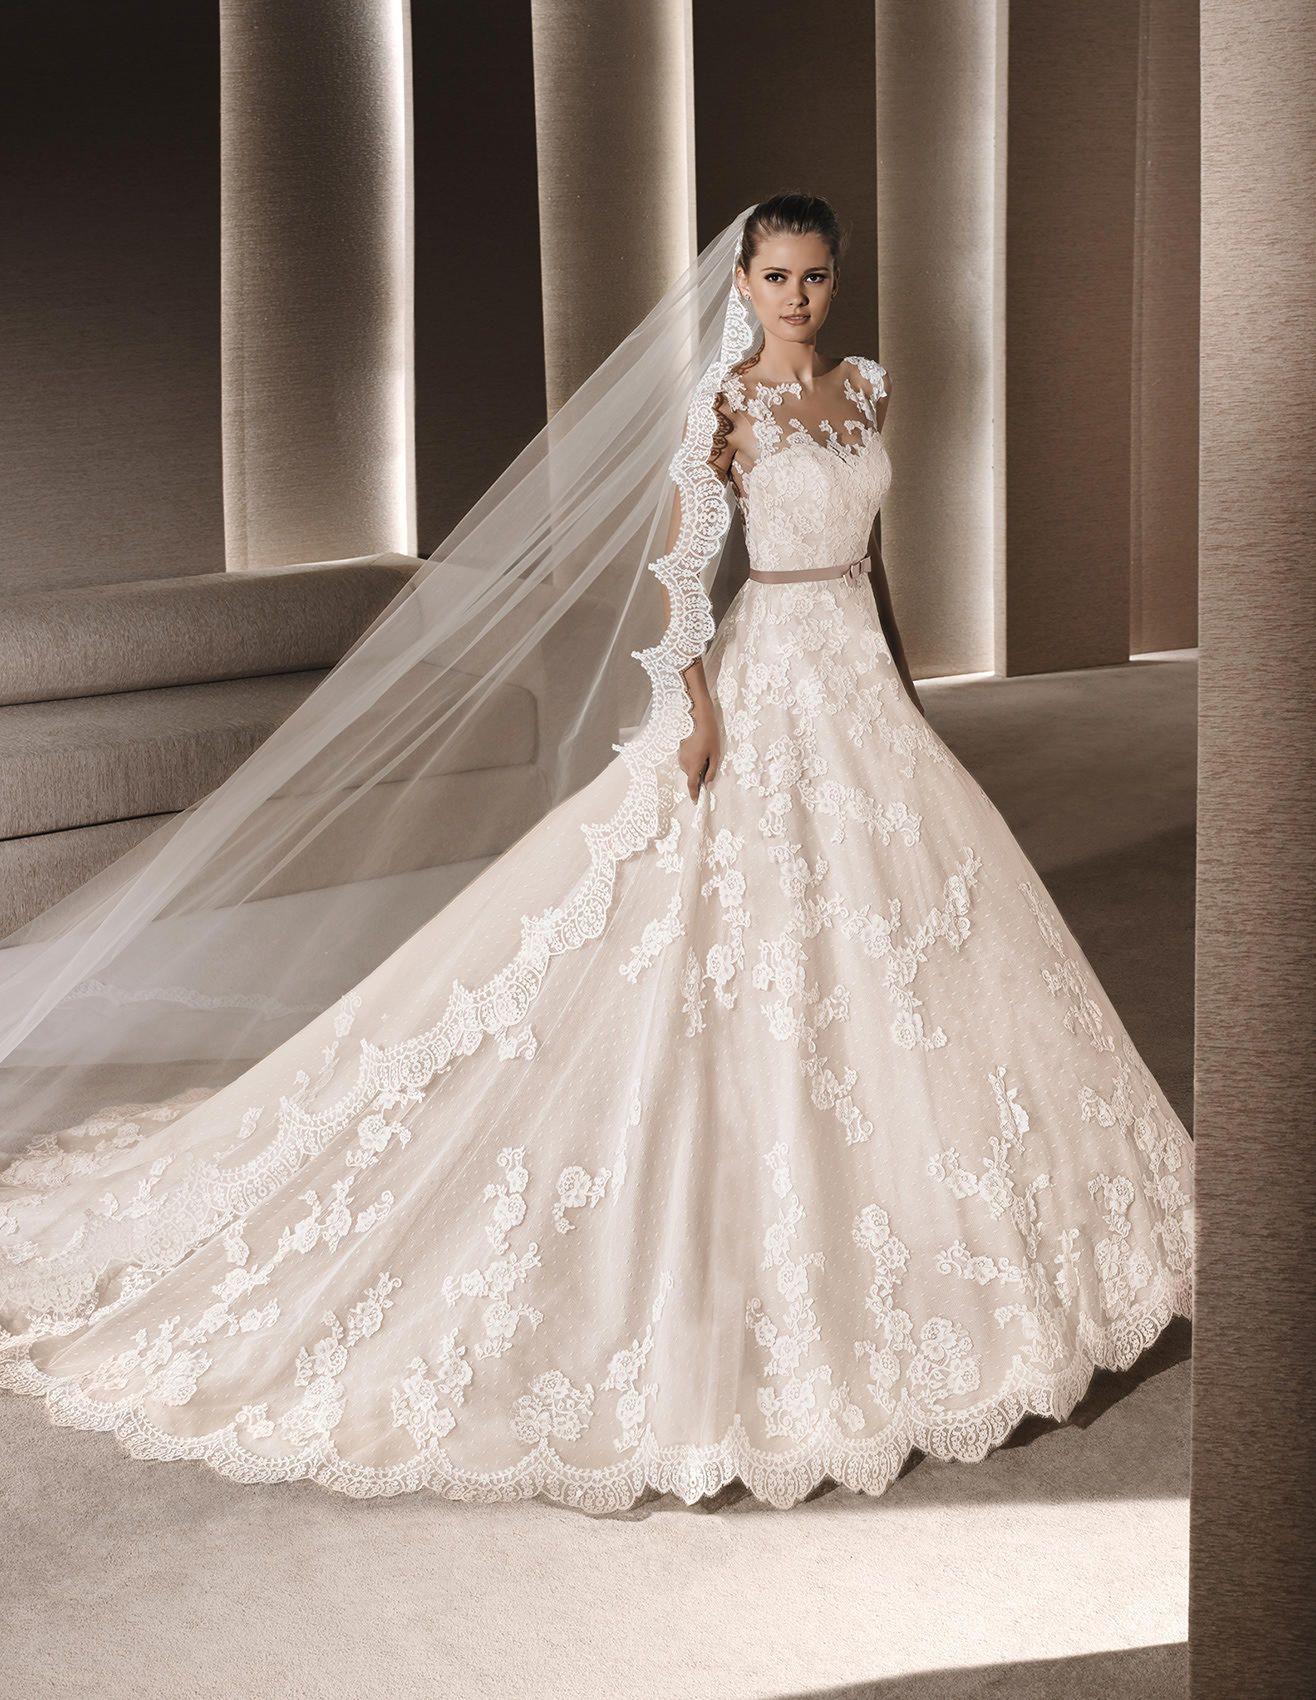 Vestiti Da Sposa Spagnoli.Roby Abito Da Sposa In Stile Principessa Di Colore Beige La